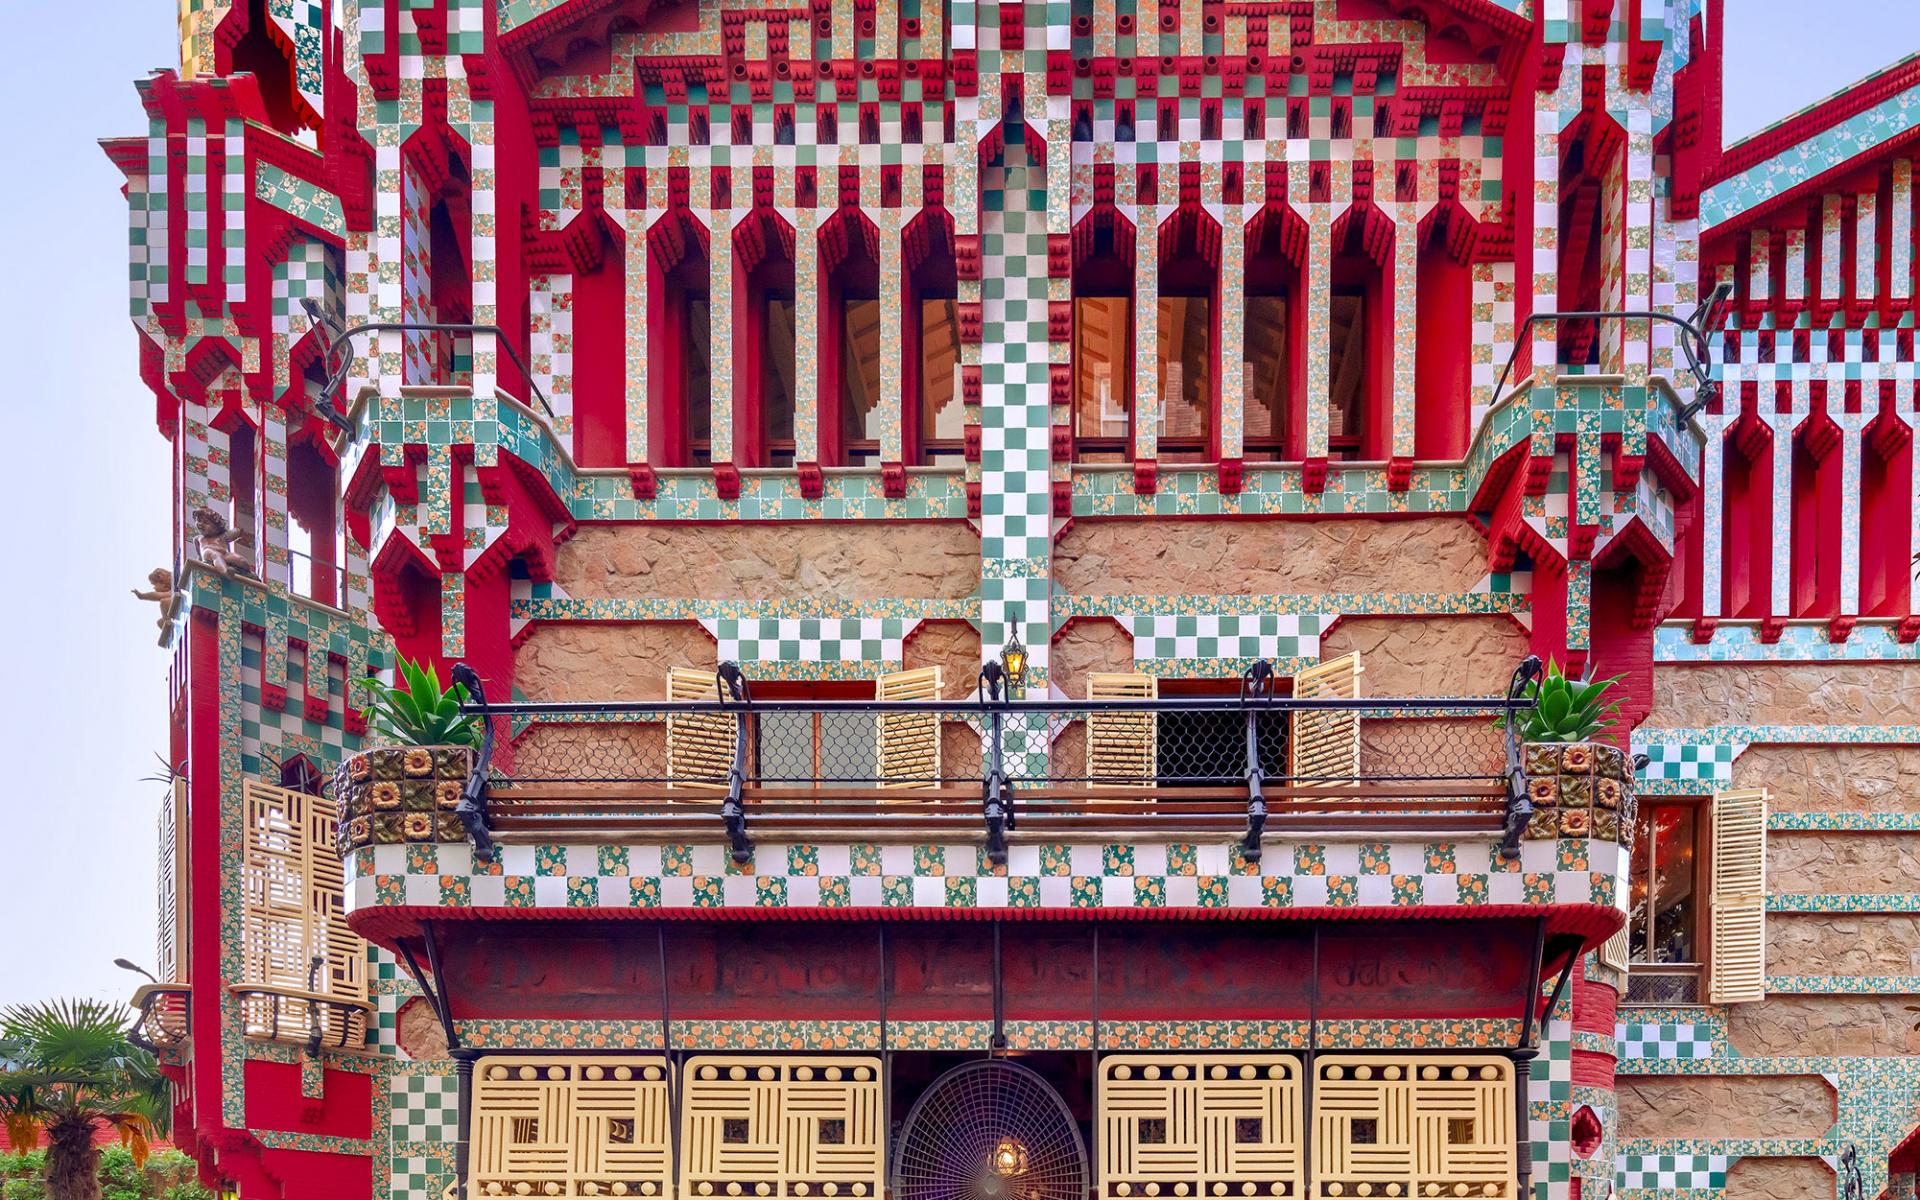 Adentre-se na arquitetura exuberante da Casa Vicens de Gaudí